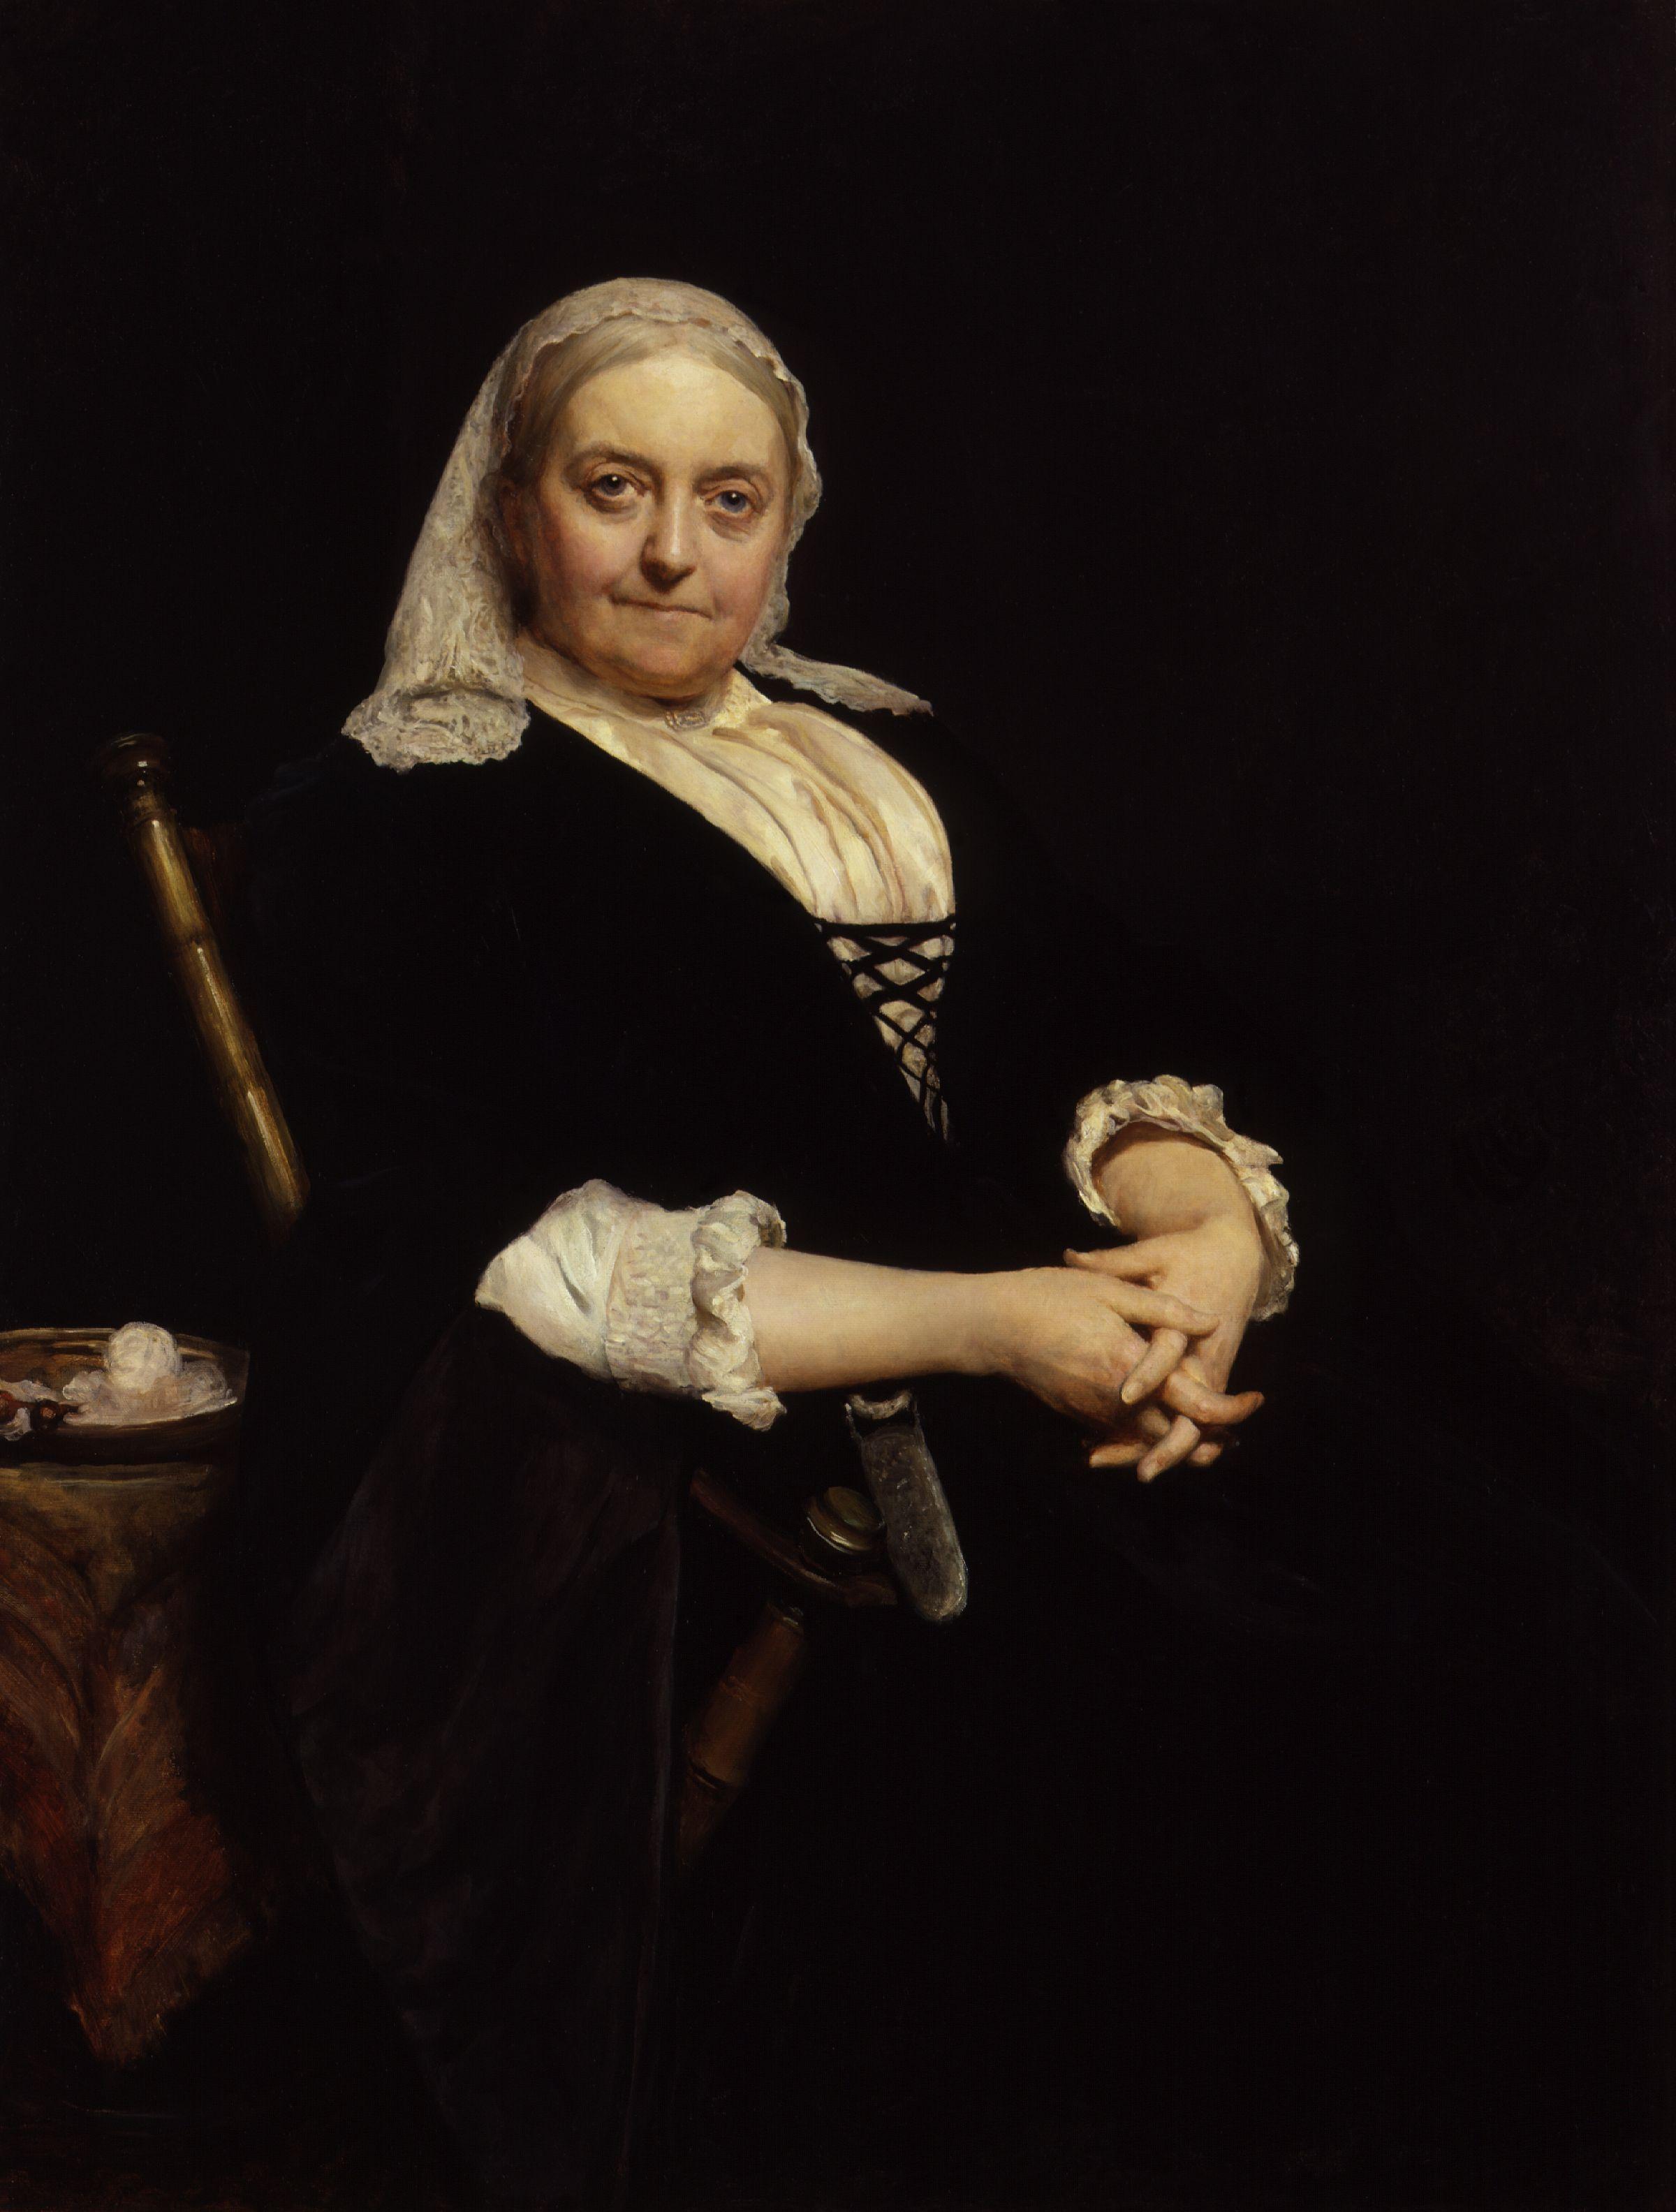 Dinah Maria Craik